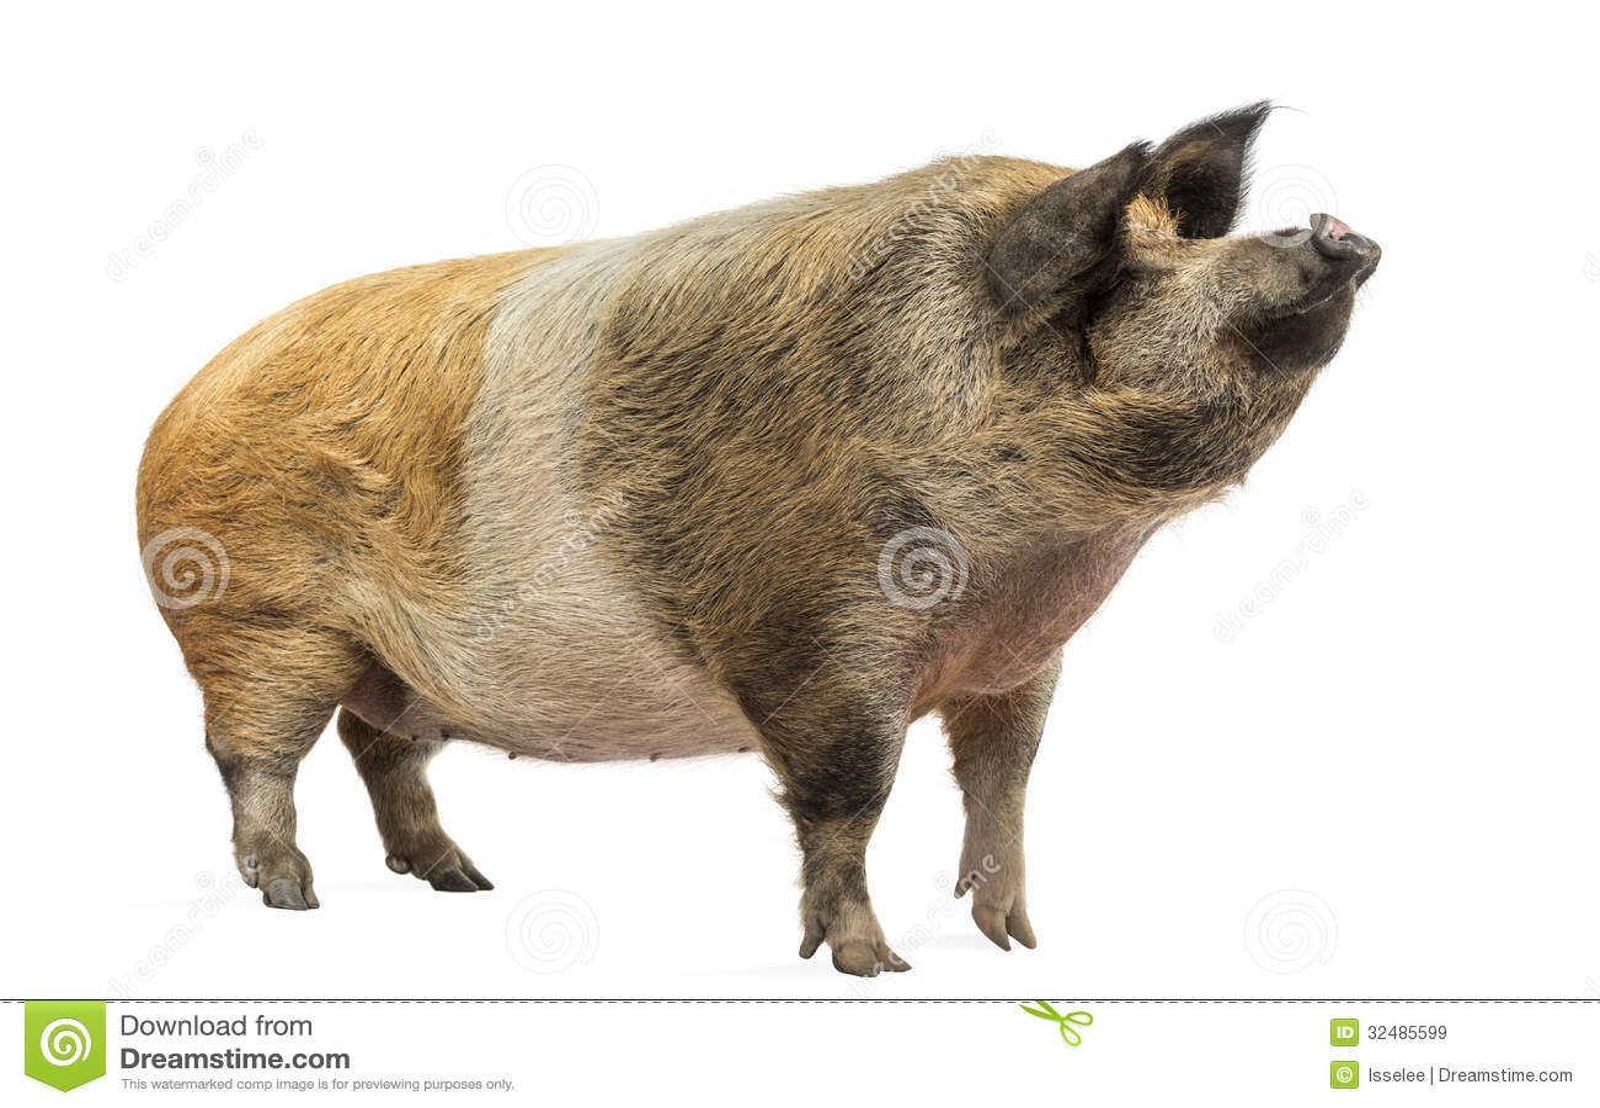 Inhemskt svin som står och ser upp, isolerat